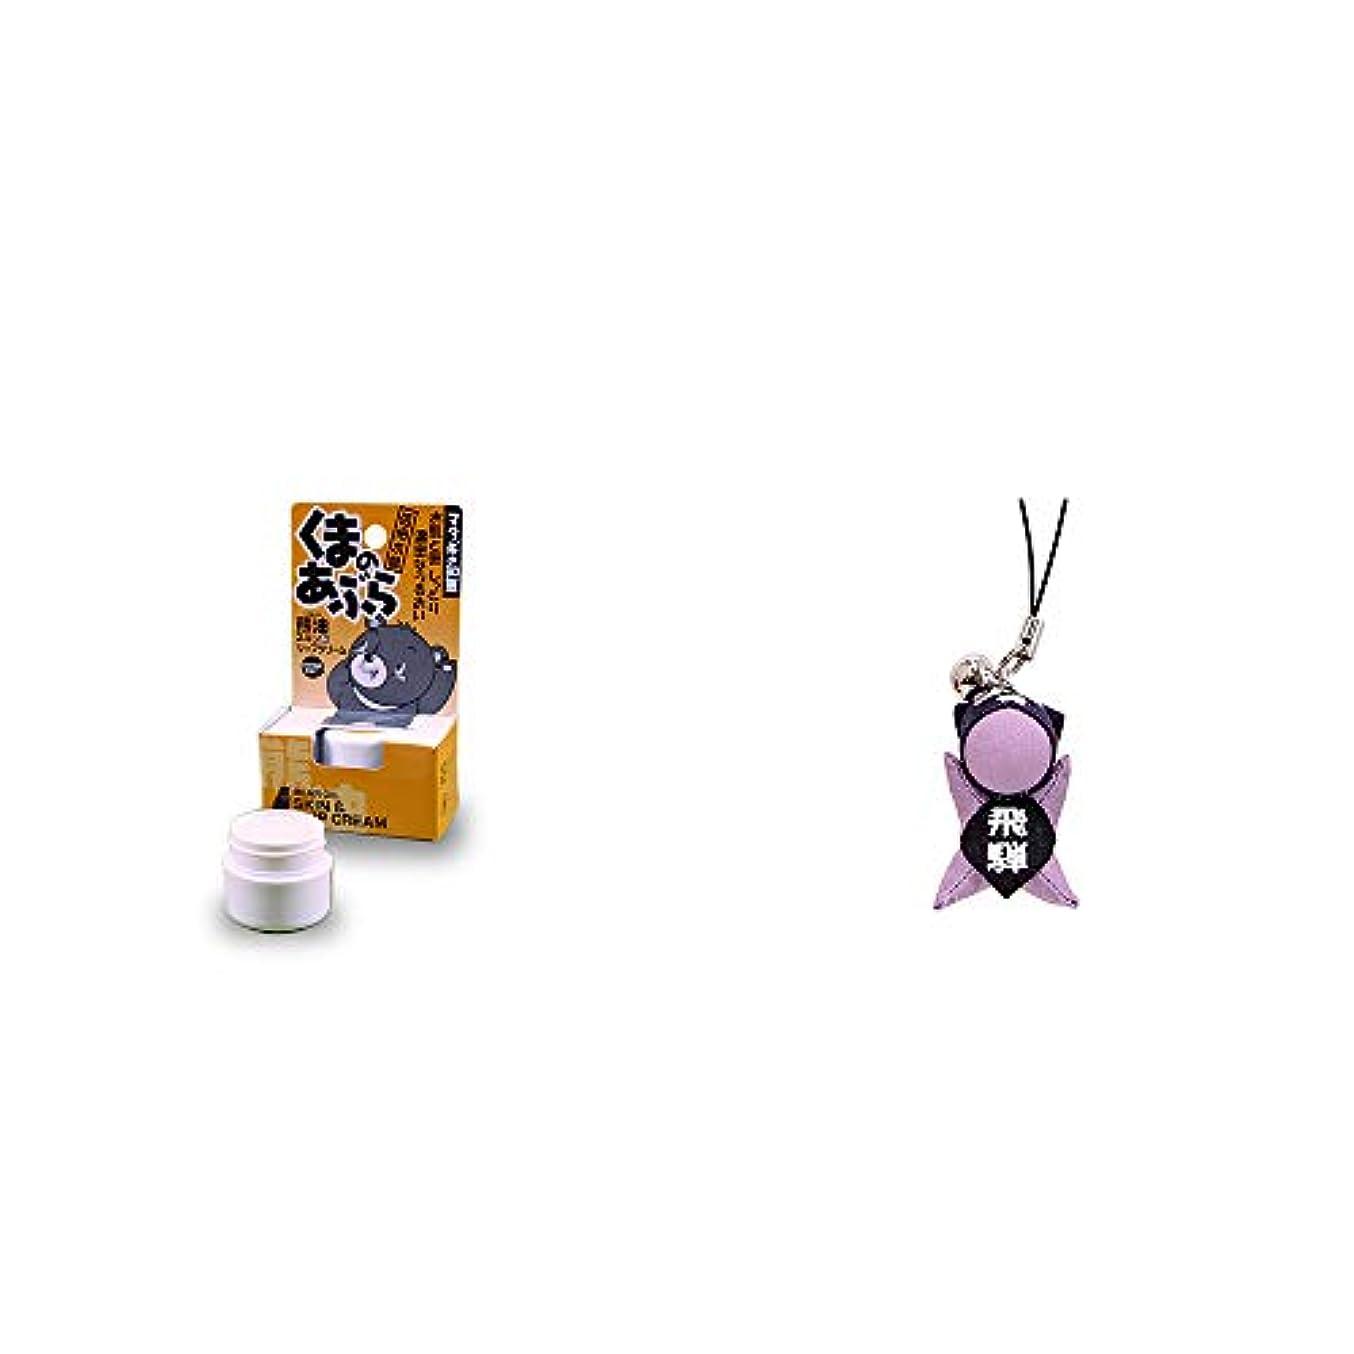 [2点セット] 信州木曽 くまのあぶら 熊油スキン&リップクリーム(9g)?さるぼぼ幸福ストラップ 【紫】 / 風水カラー全9種類 出世?長寿 お守り///